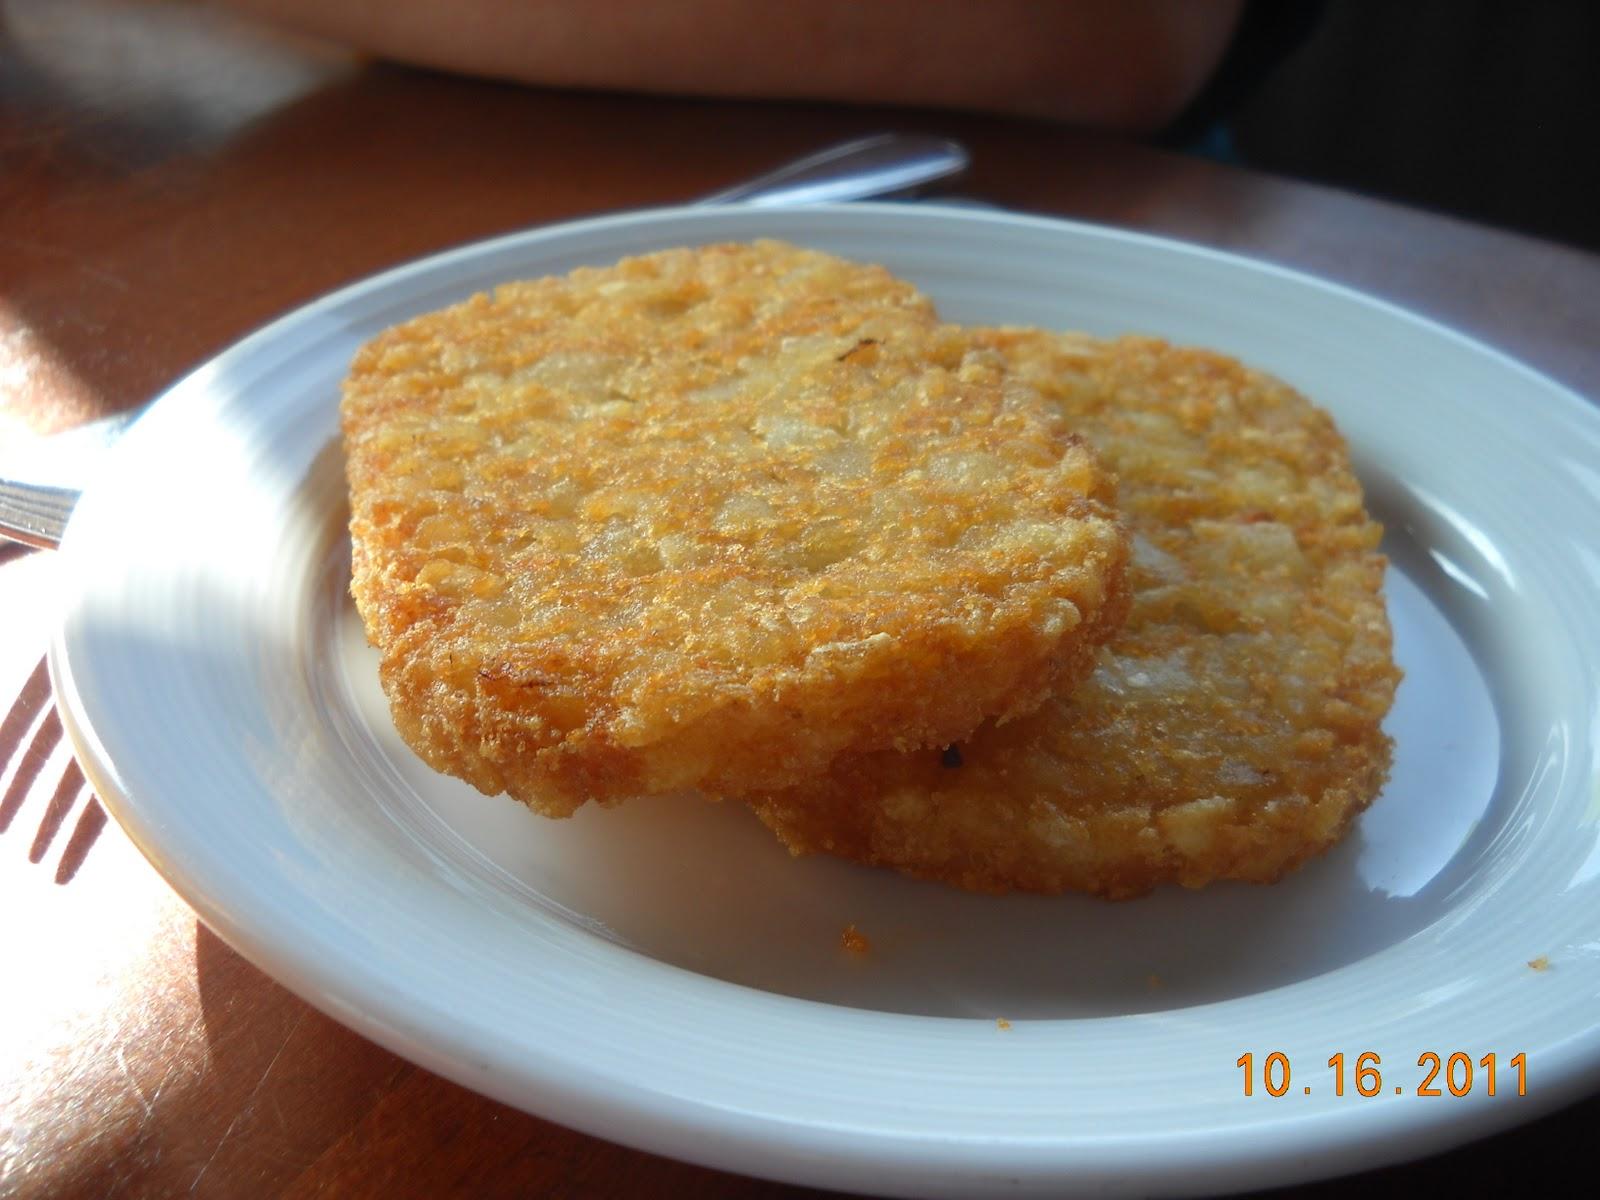 Rudy S Mexican Food Camarillo